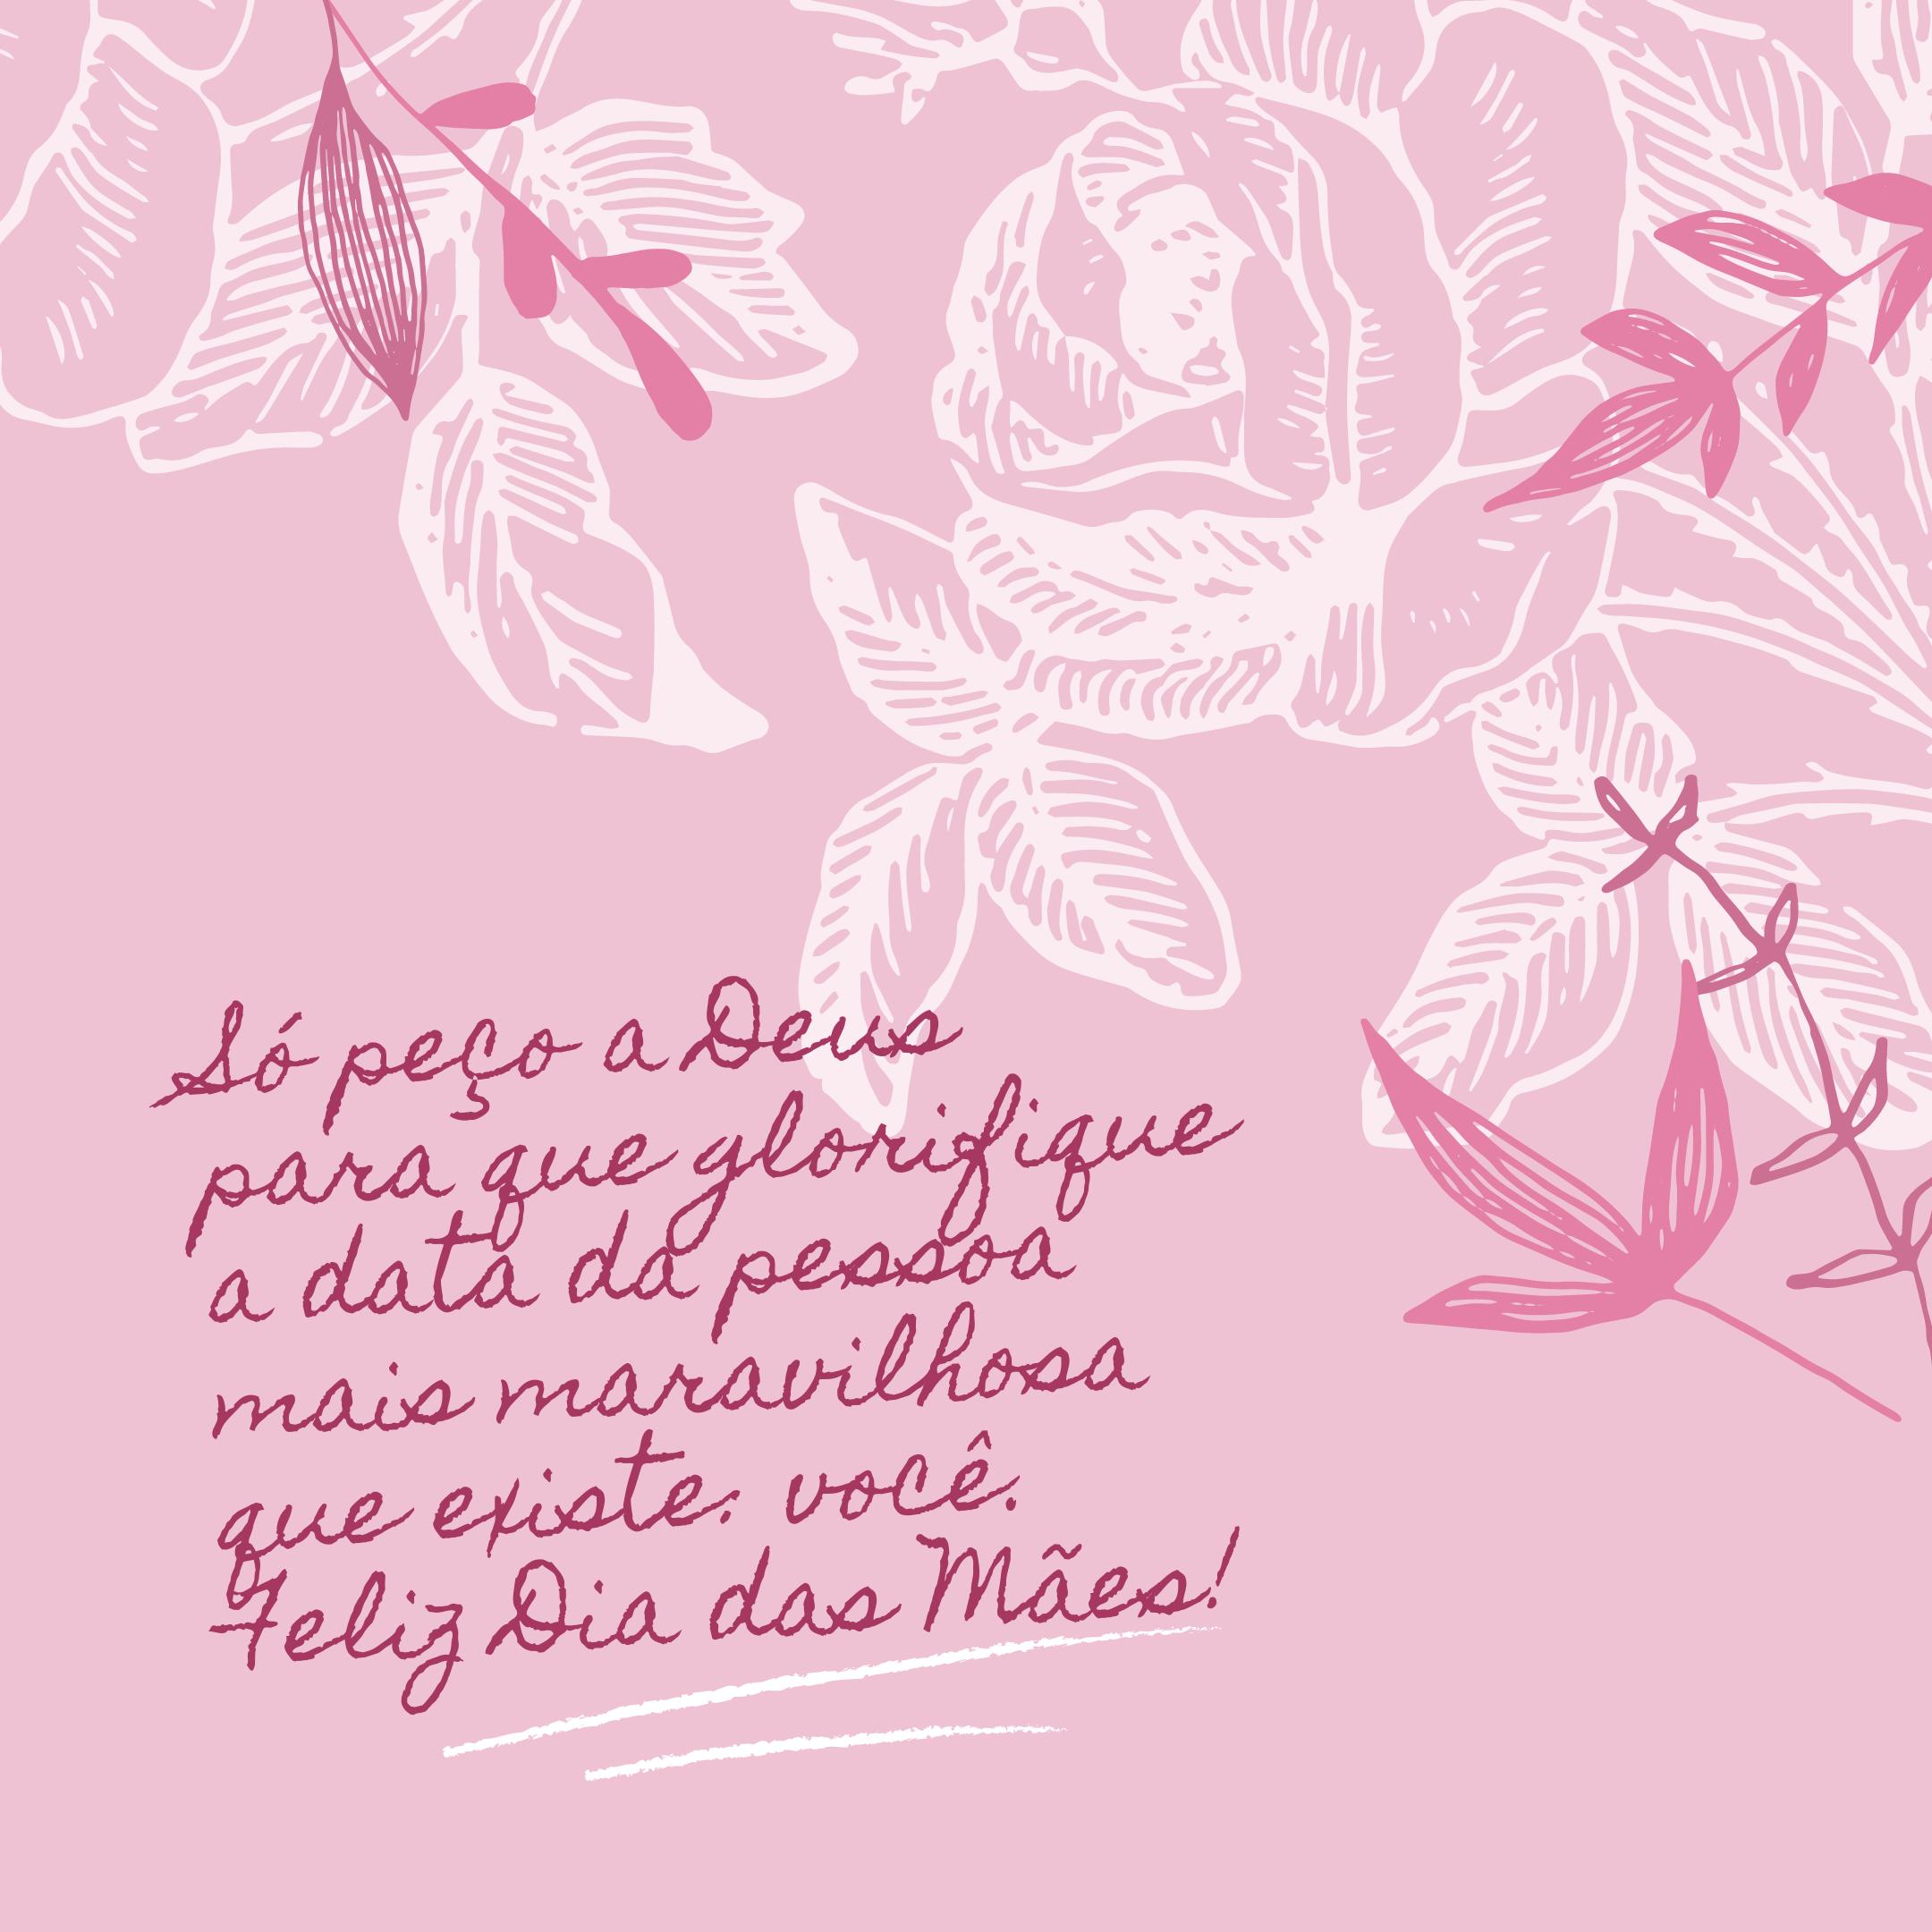 Só peço a Deus para que glorifique a data da pessoa mais maravilhosa que existe: você. Feliz Dia das Mães!